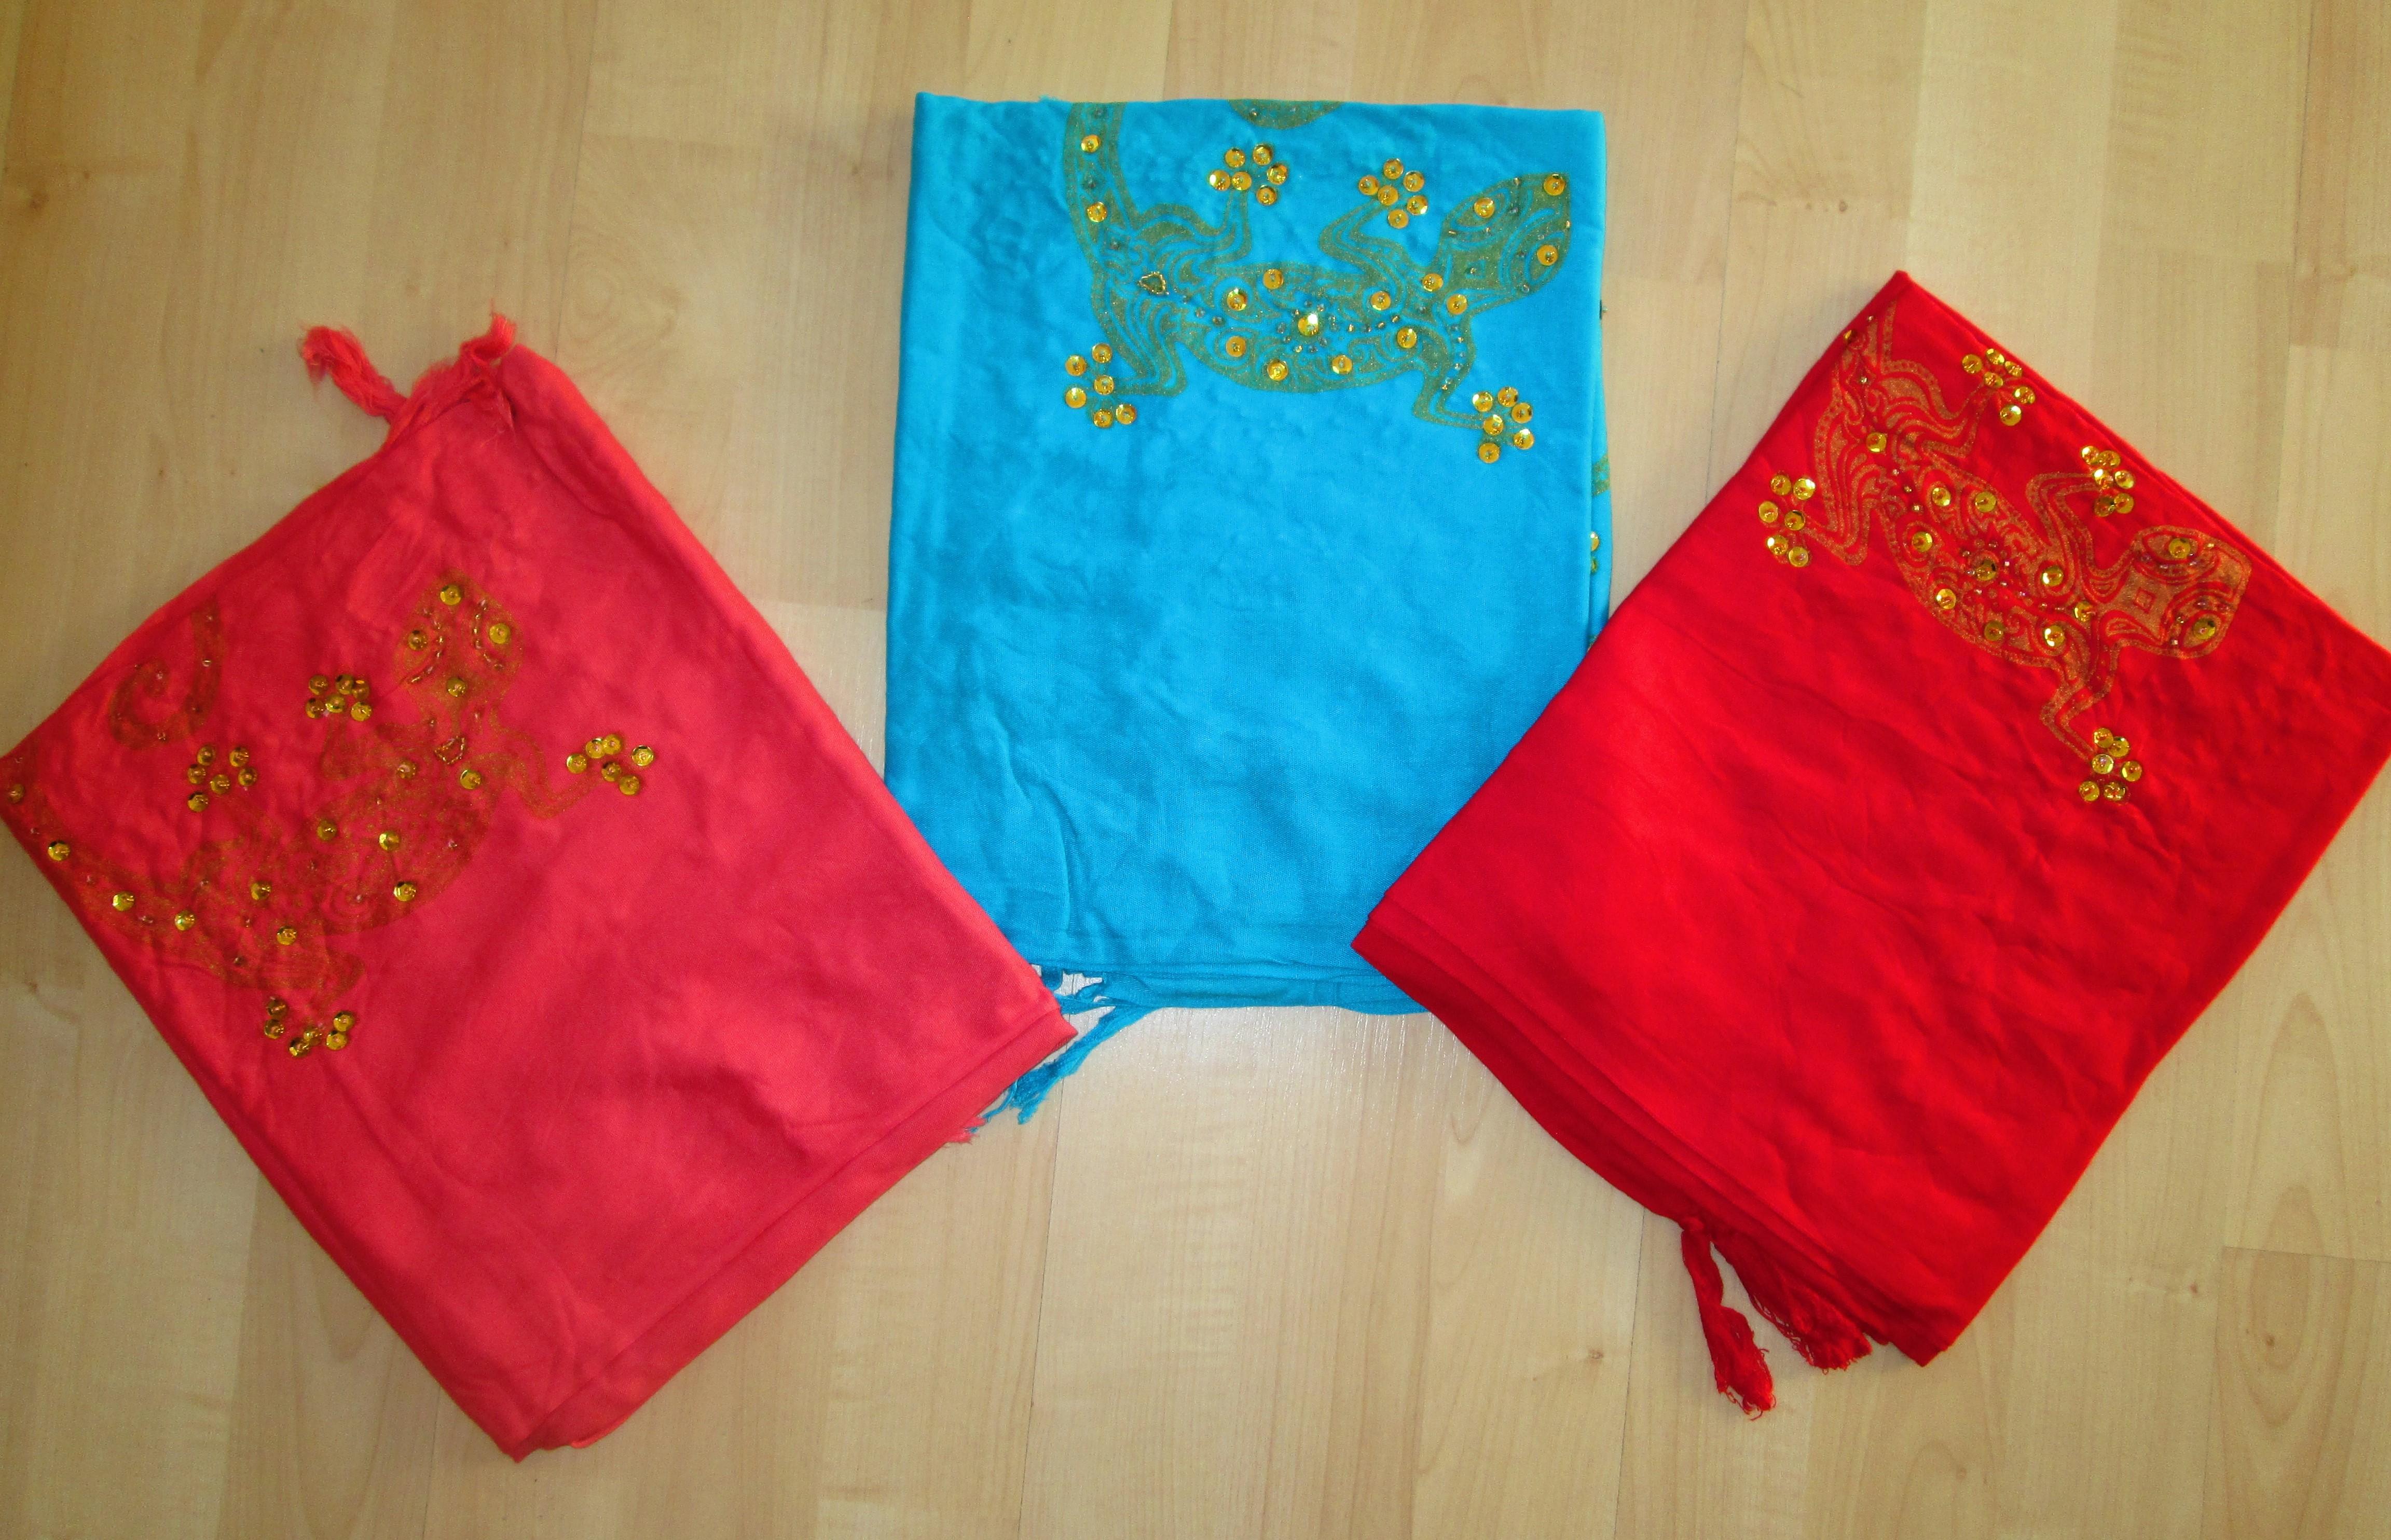 gli altri 3 colorim della confezione: salmone, turchese, rosso